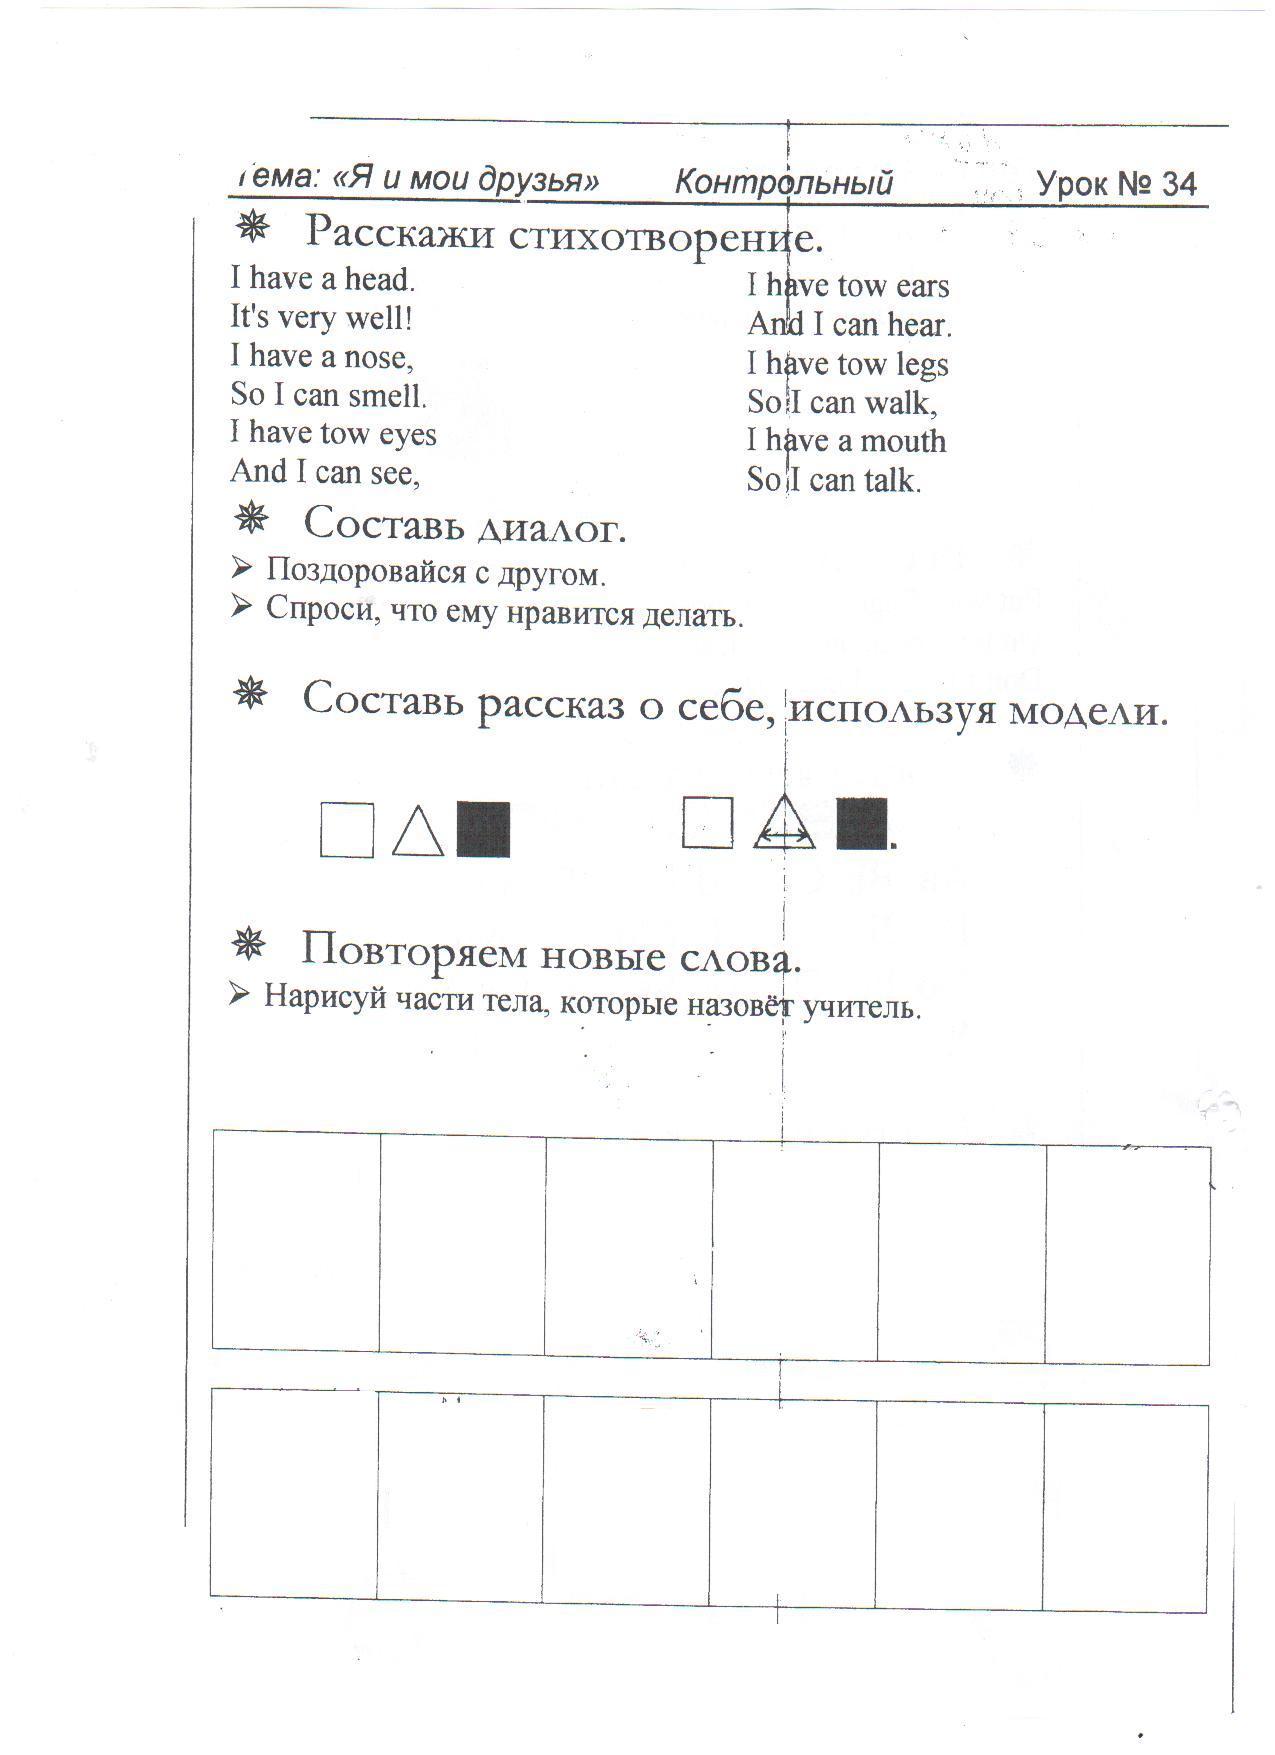 C:\Documents and Settings\Admin\Мои документы\Мои рисунки\Изображение\Изображение 104.jpg